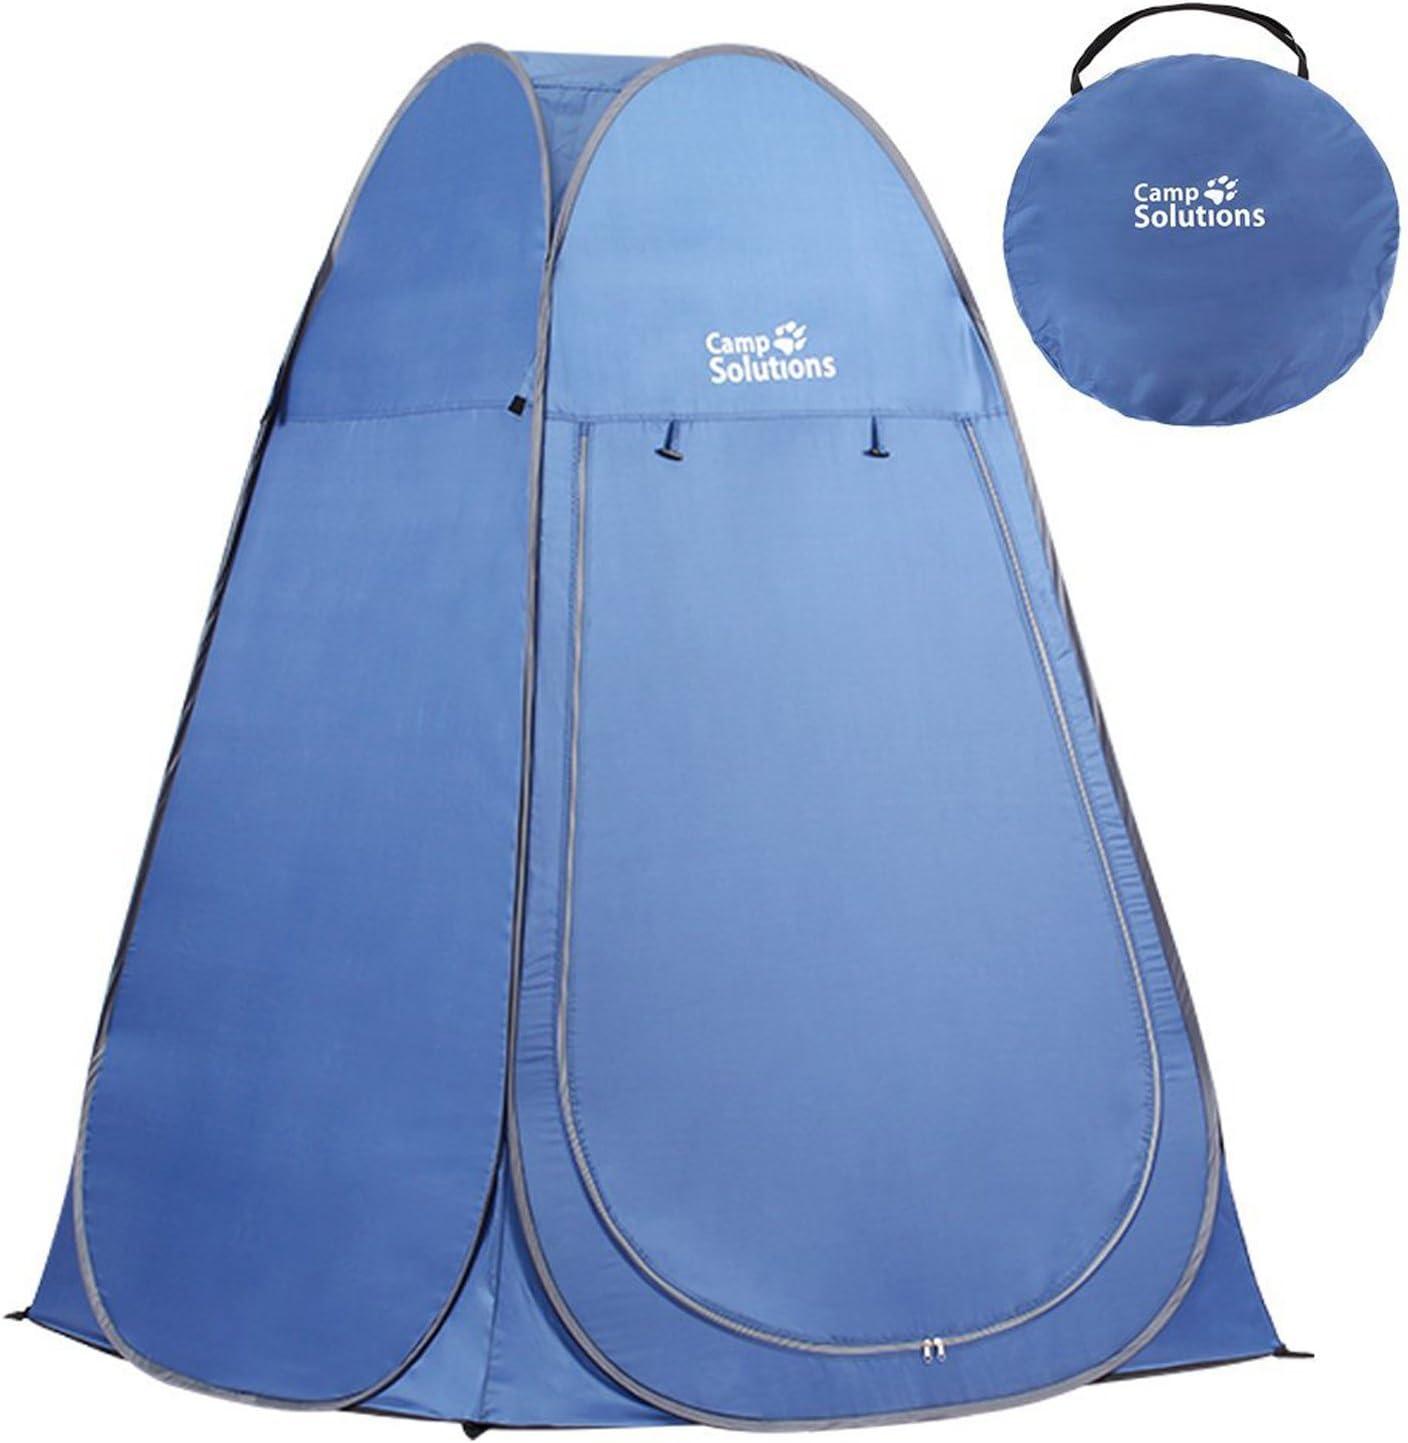 Hete-supply Pop-Up Tent Imperm/éable /À leau Camouflage Camping Douche Salle De Bains Toilette Tente Confidentialit/é Vestiaire Simple Mobile Pliable Tentes Portatives Salle De Stockage